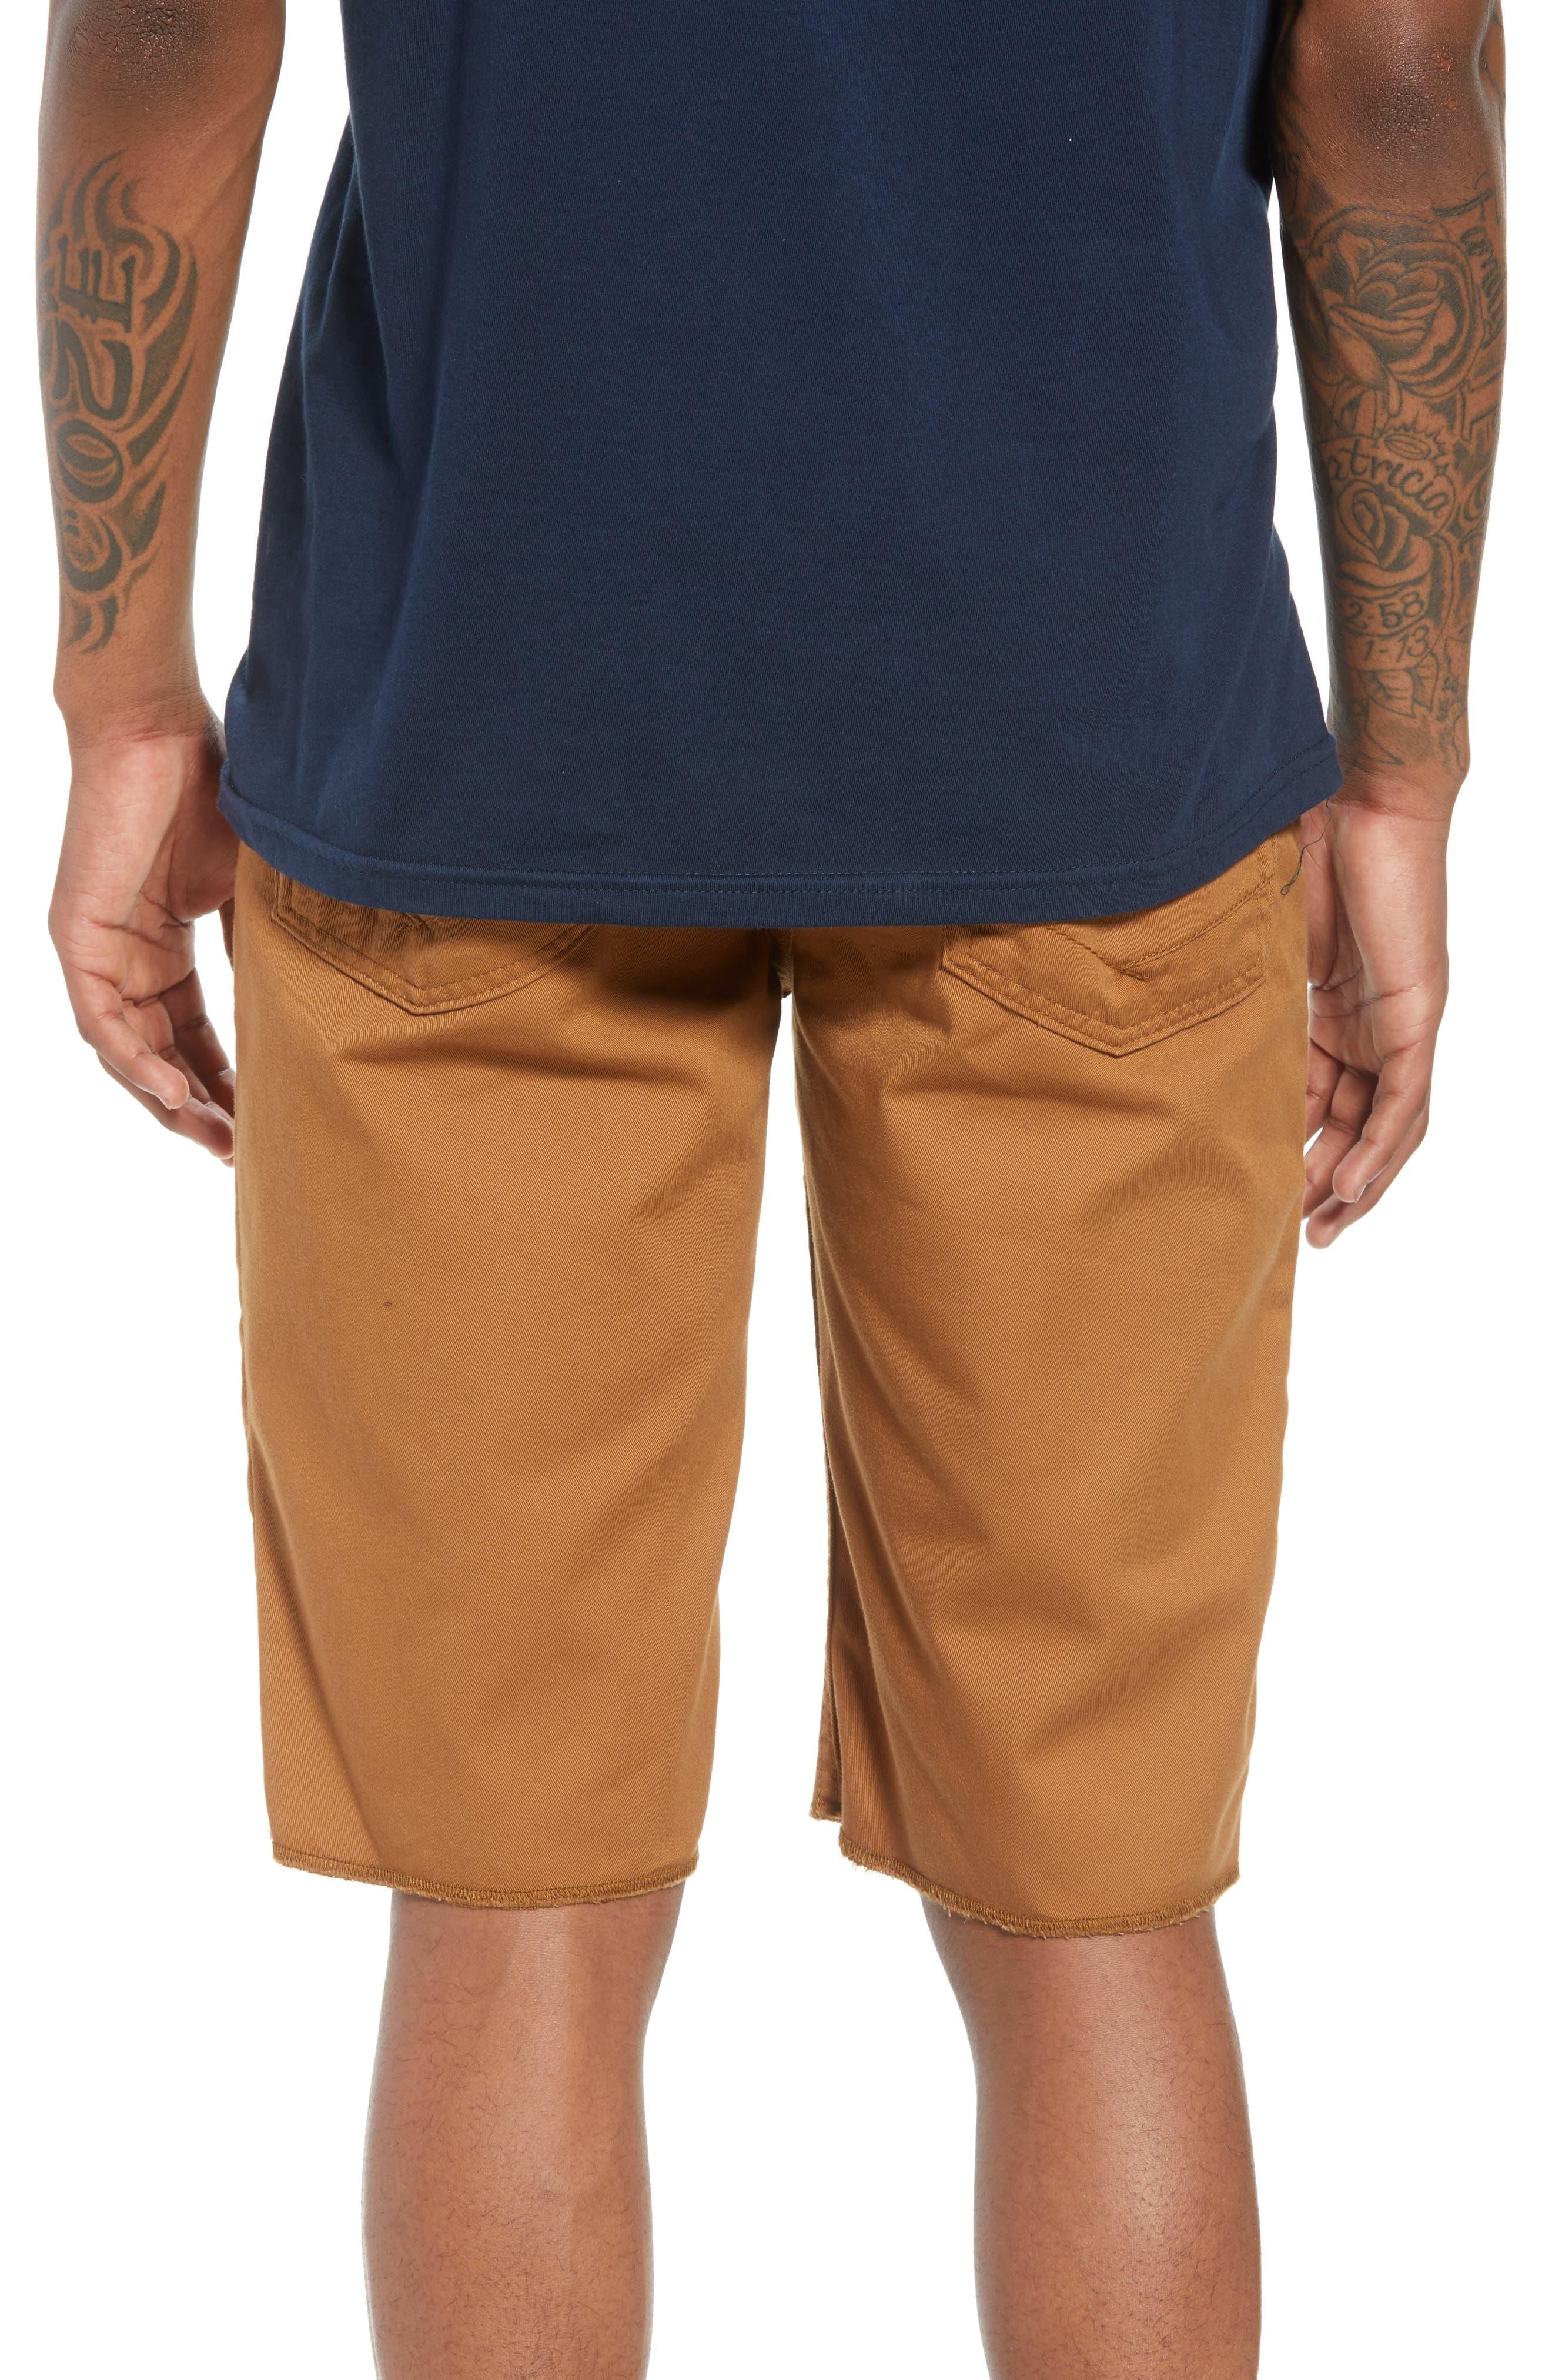 AV Covina Shorts,                             Alternate thumbnail 2, color,                             200